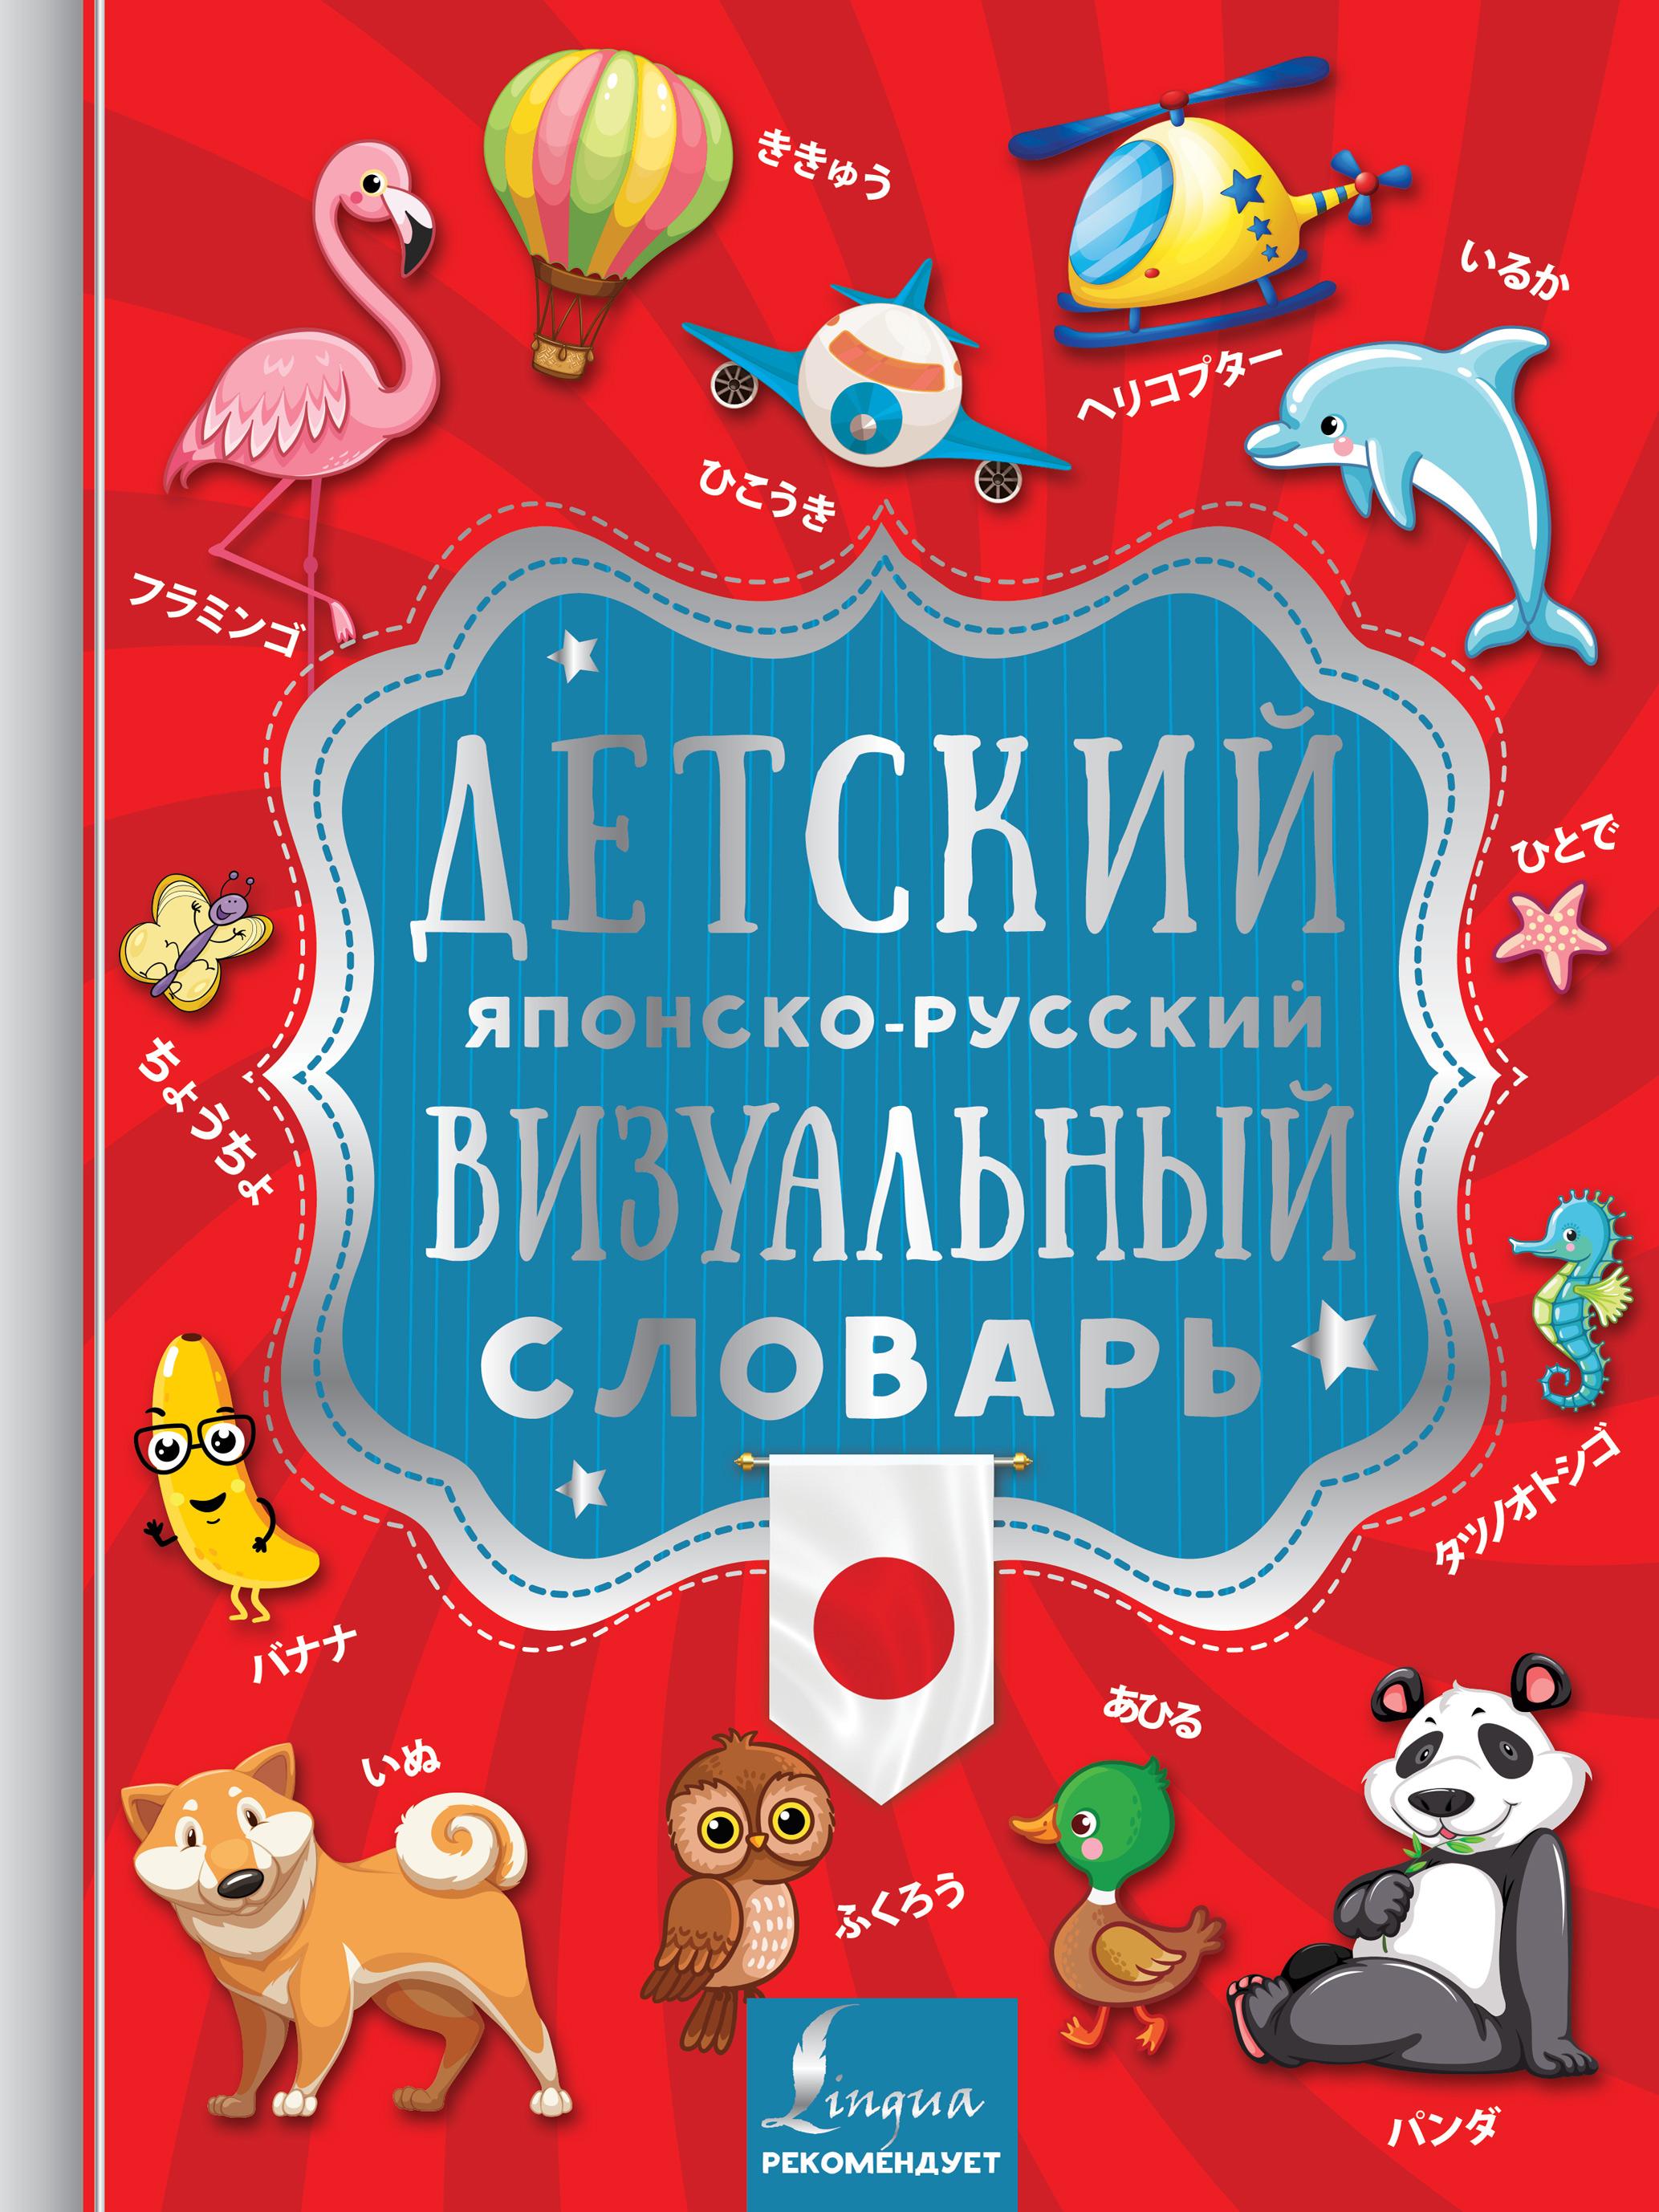 Фото - Отсутствует Детский японско-русский визуальный словарь детский